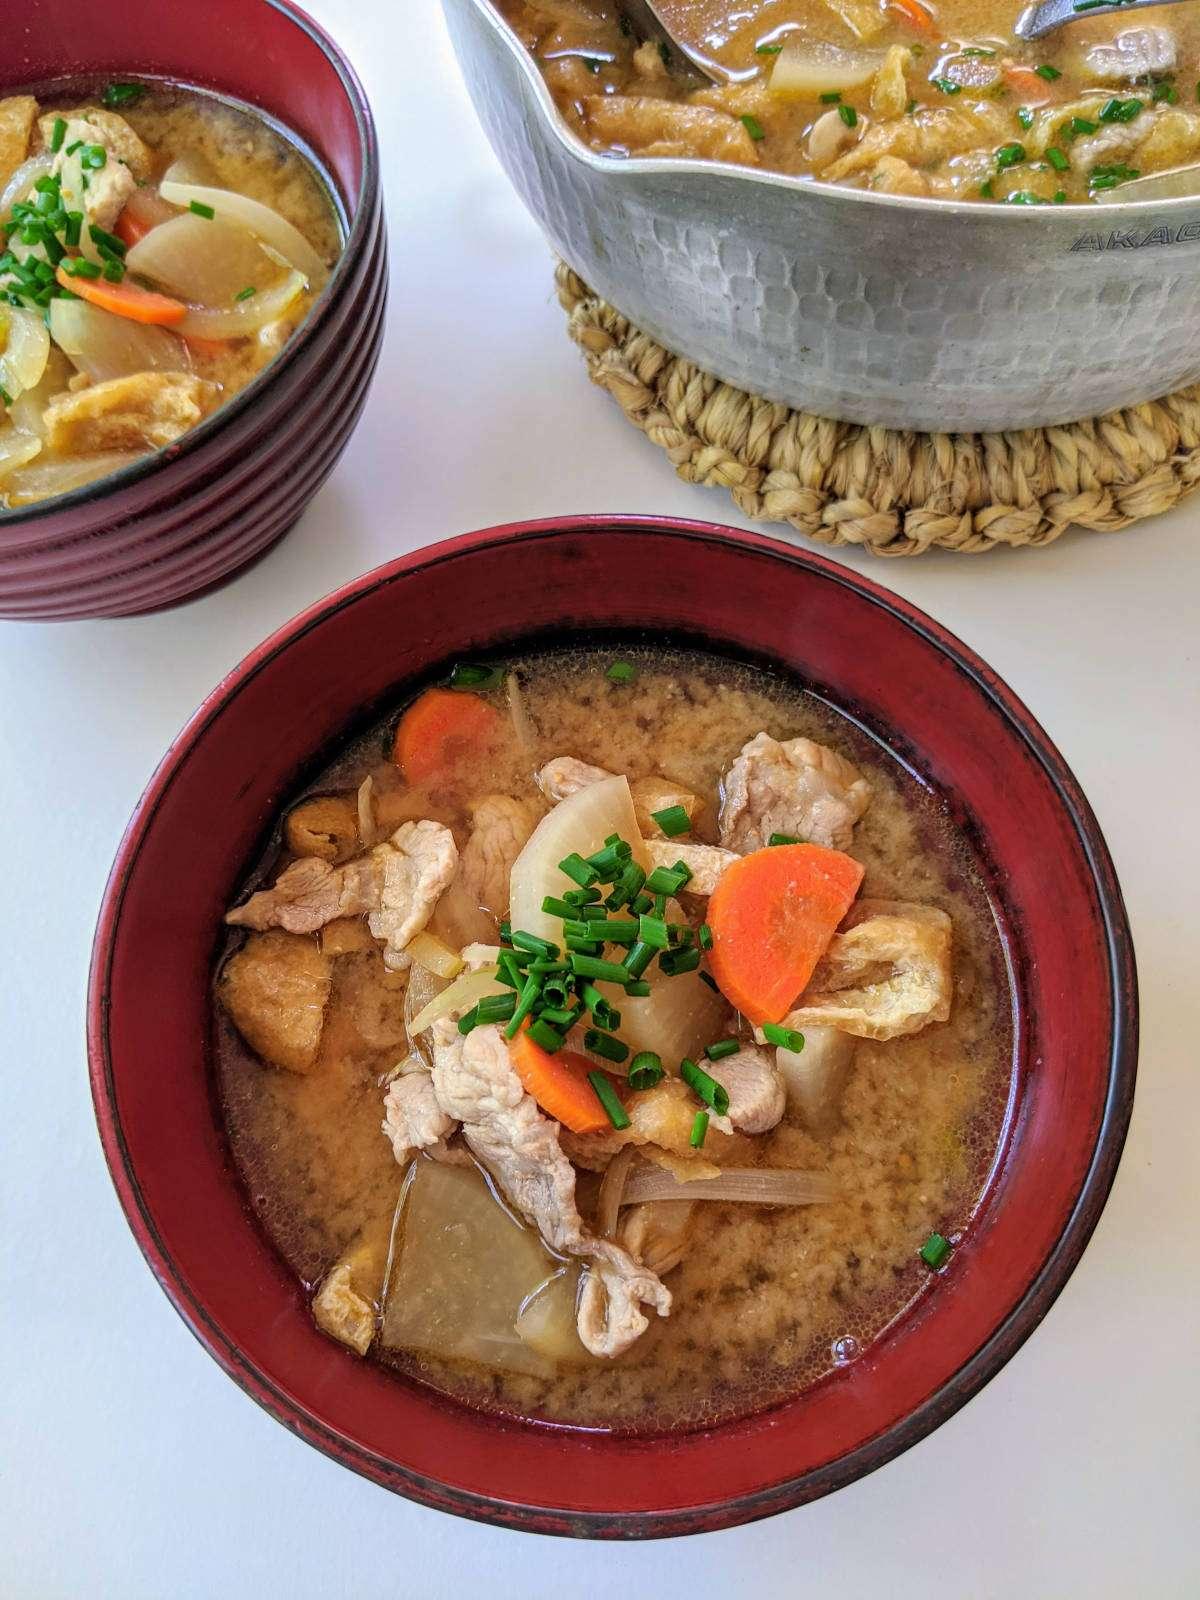 Butajiru_Two Bowls and a Pot